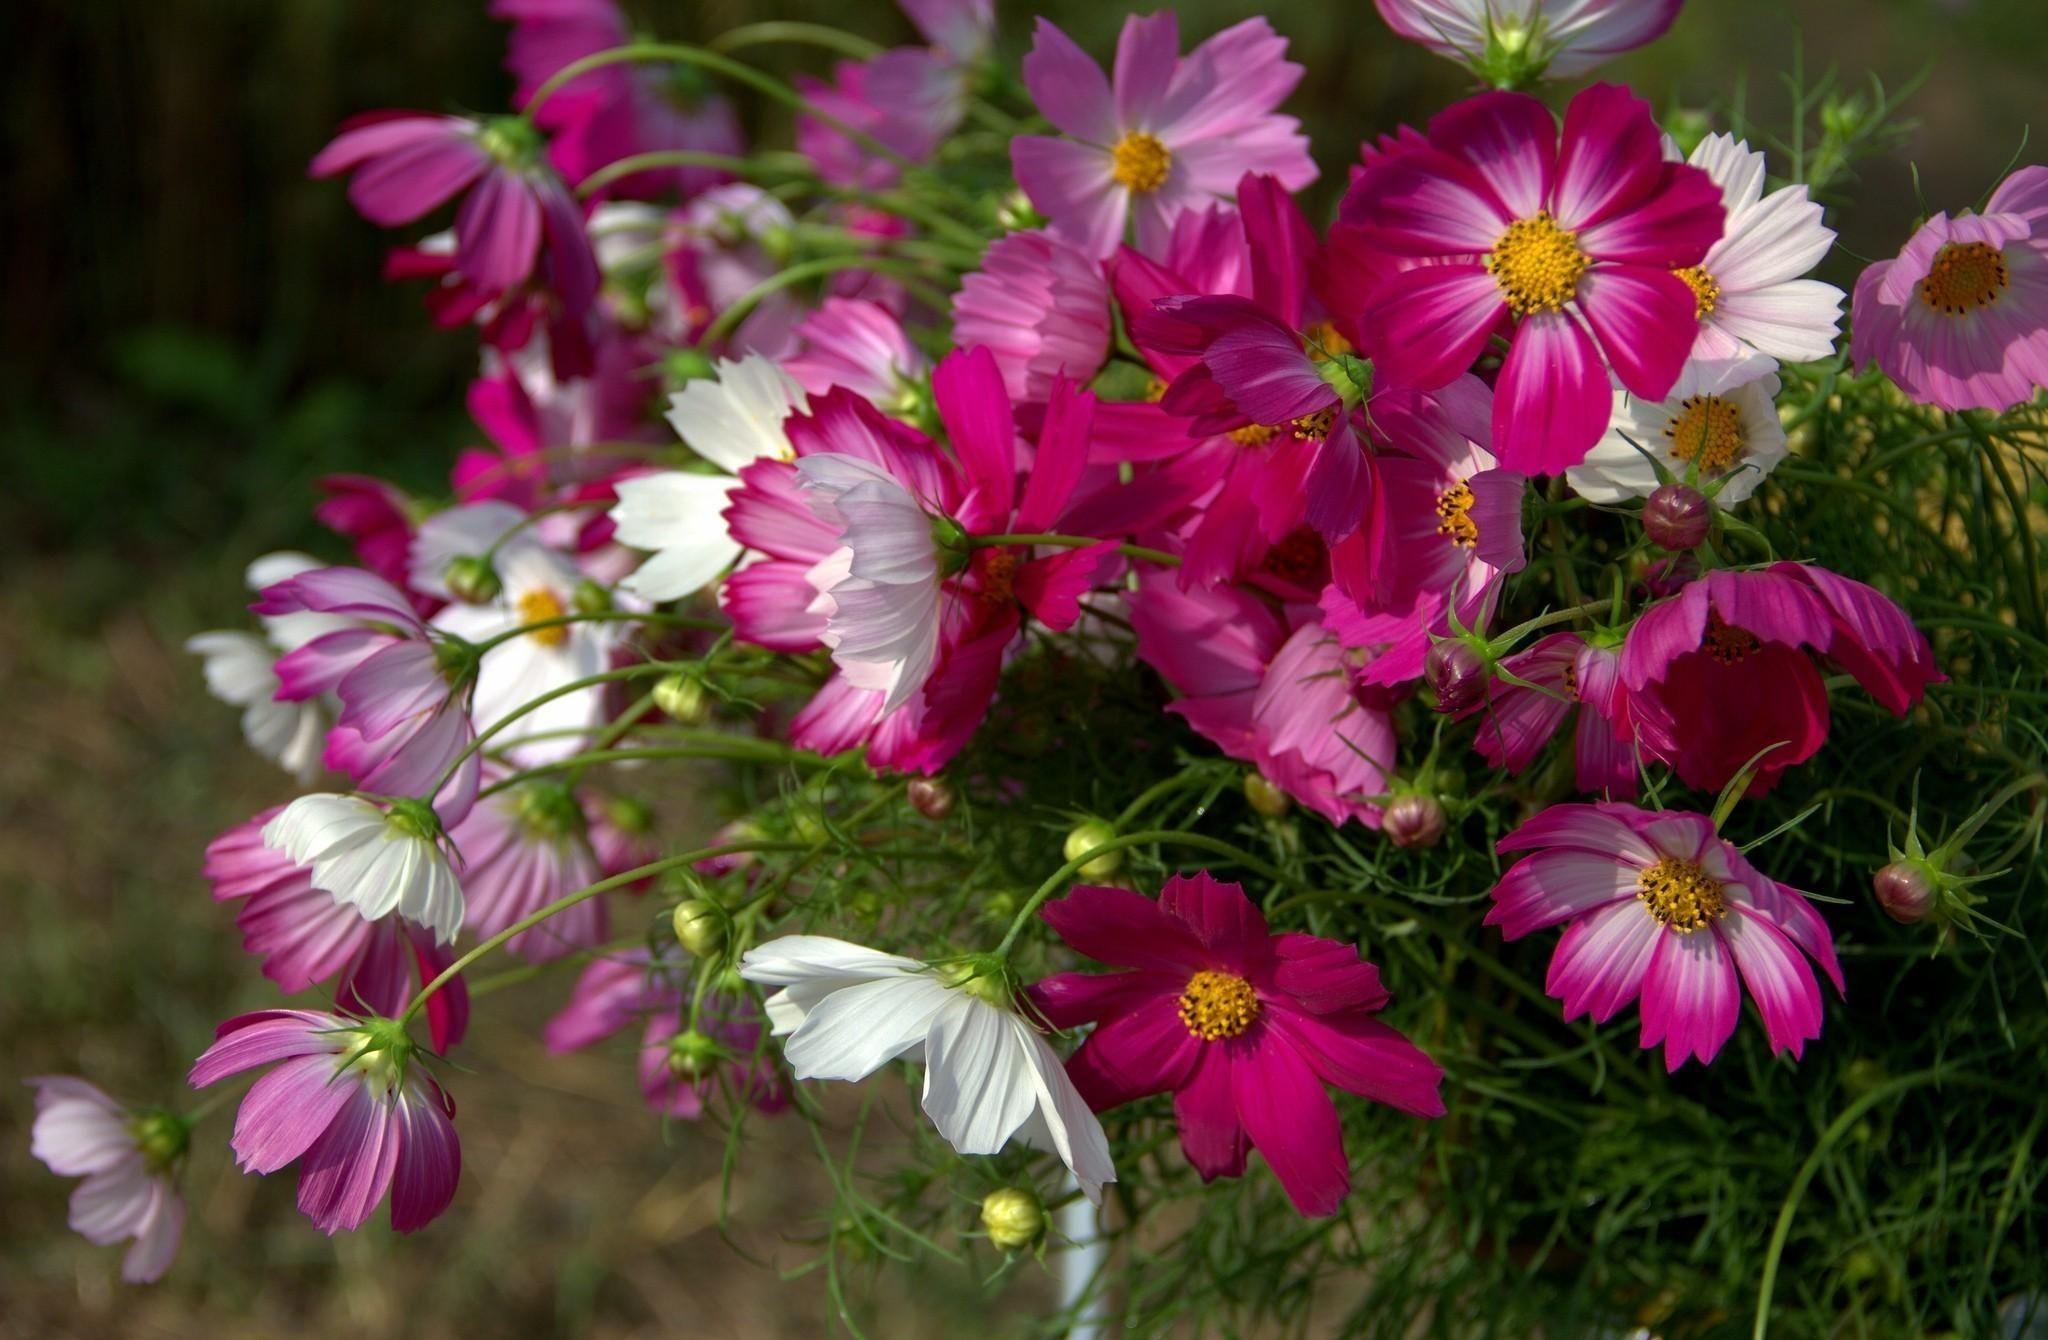 красивые фото цветов космея трогательные